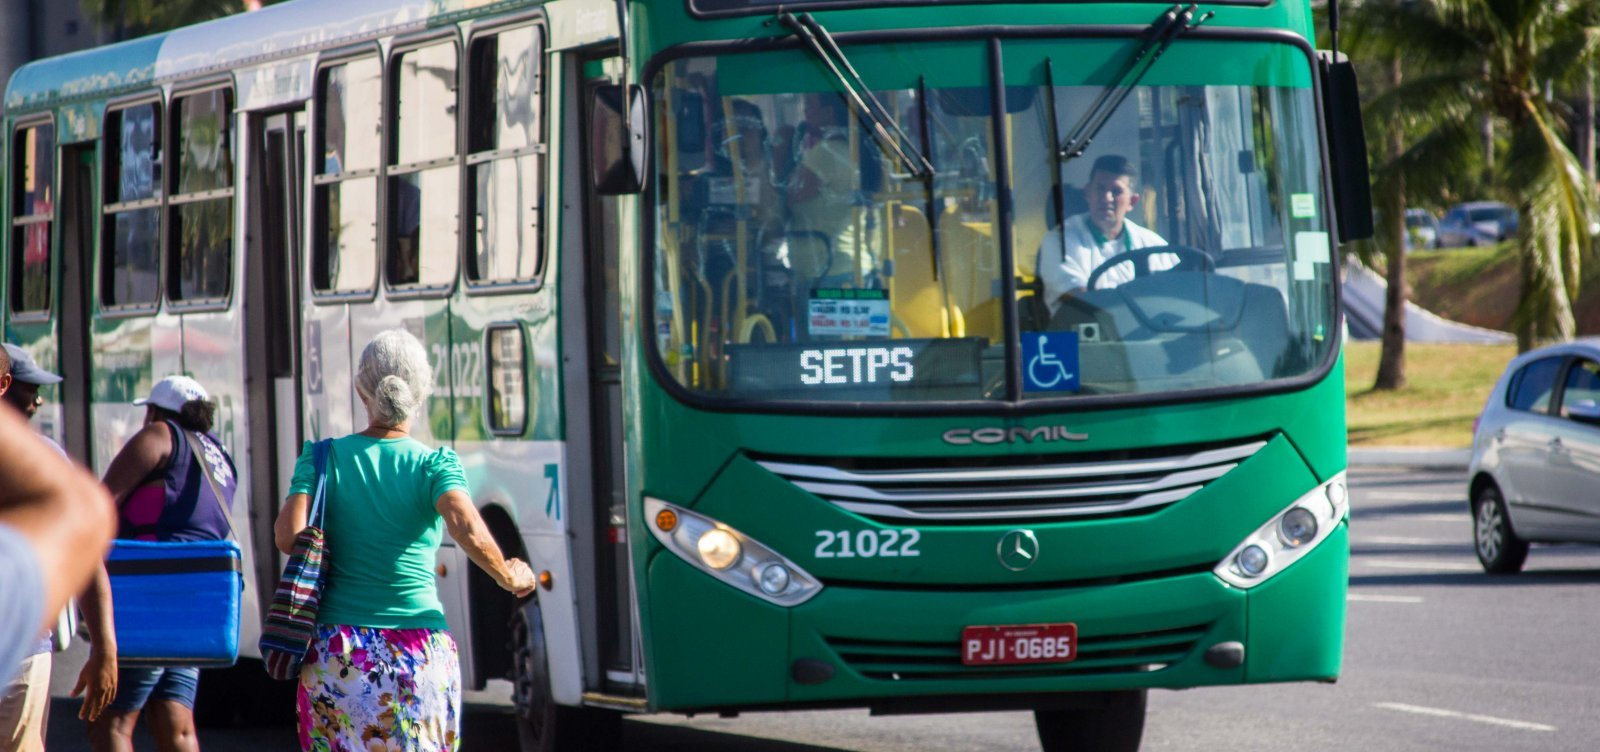 ['Ônibus circulam normalmente na cidade', afirma Sindicato dos Rodoviários]